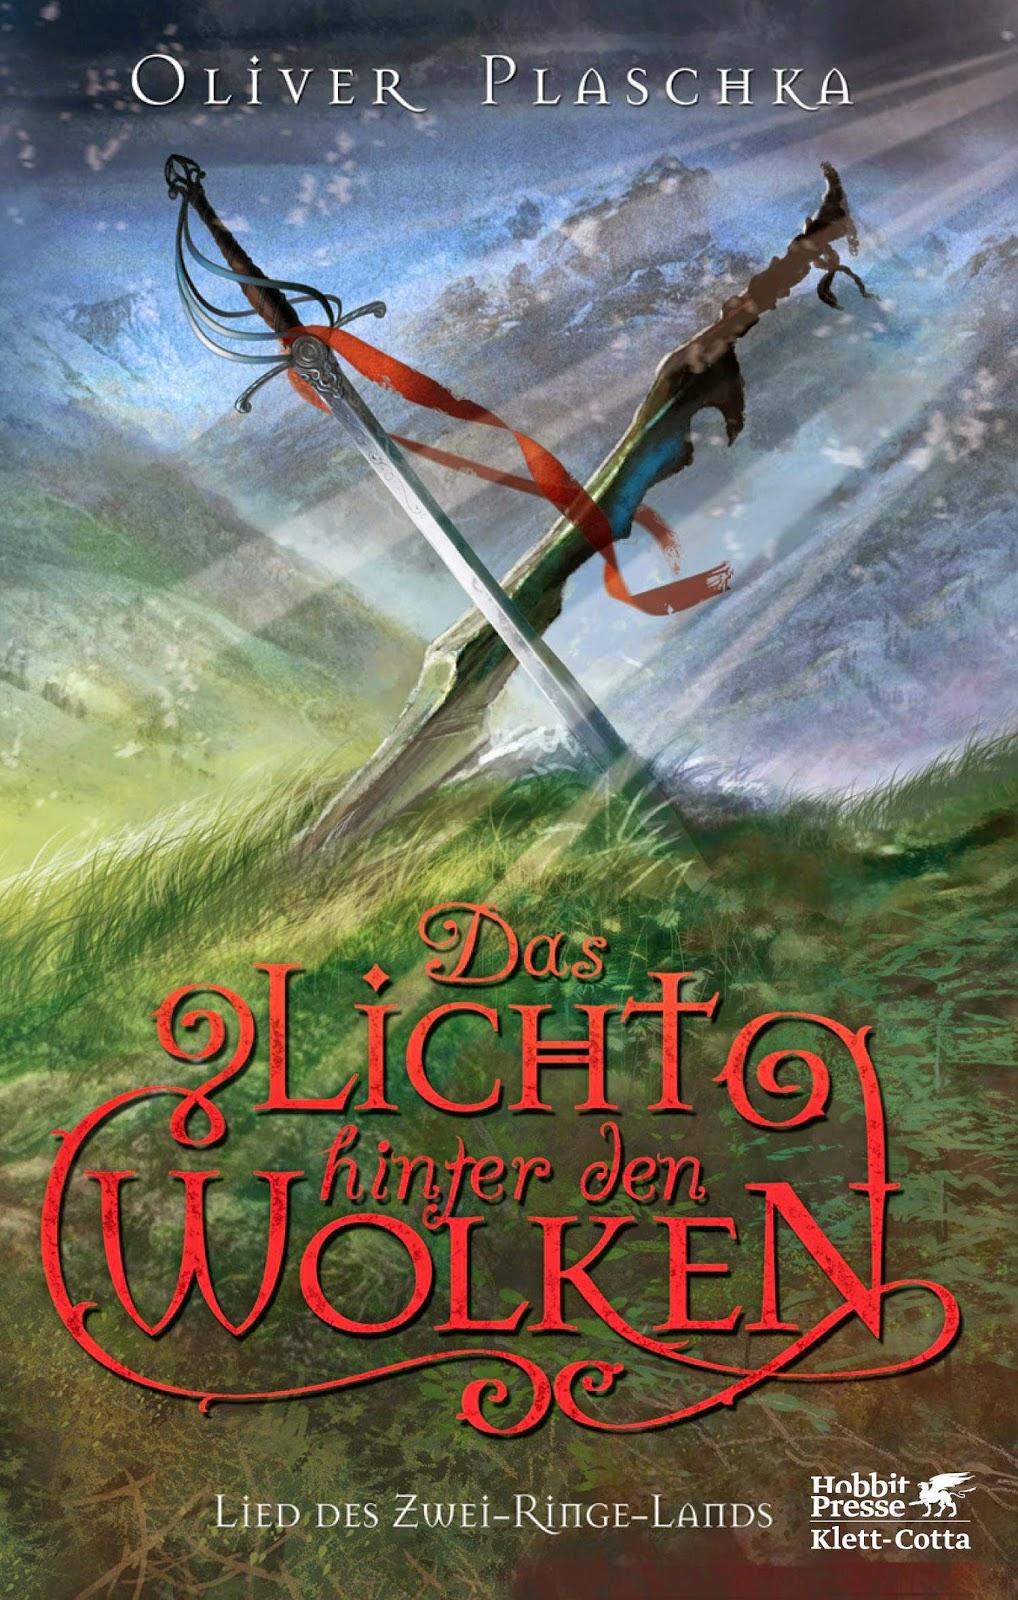 http://www.klett-cotta.de/buch/Weitere_Autoren/Das_Licht_hinter_den_Wolken/31799